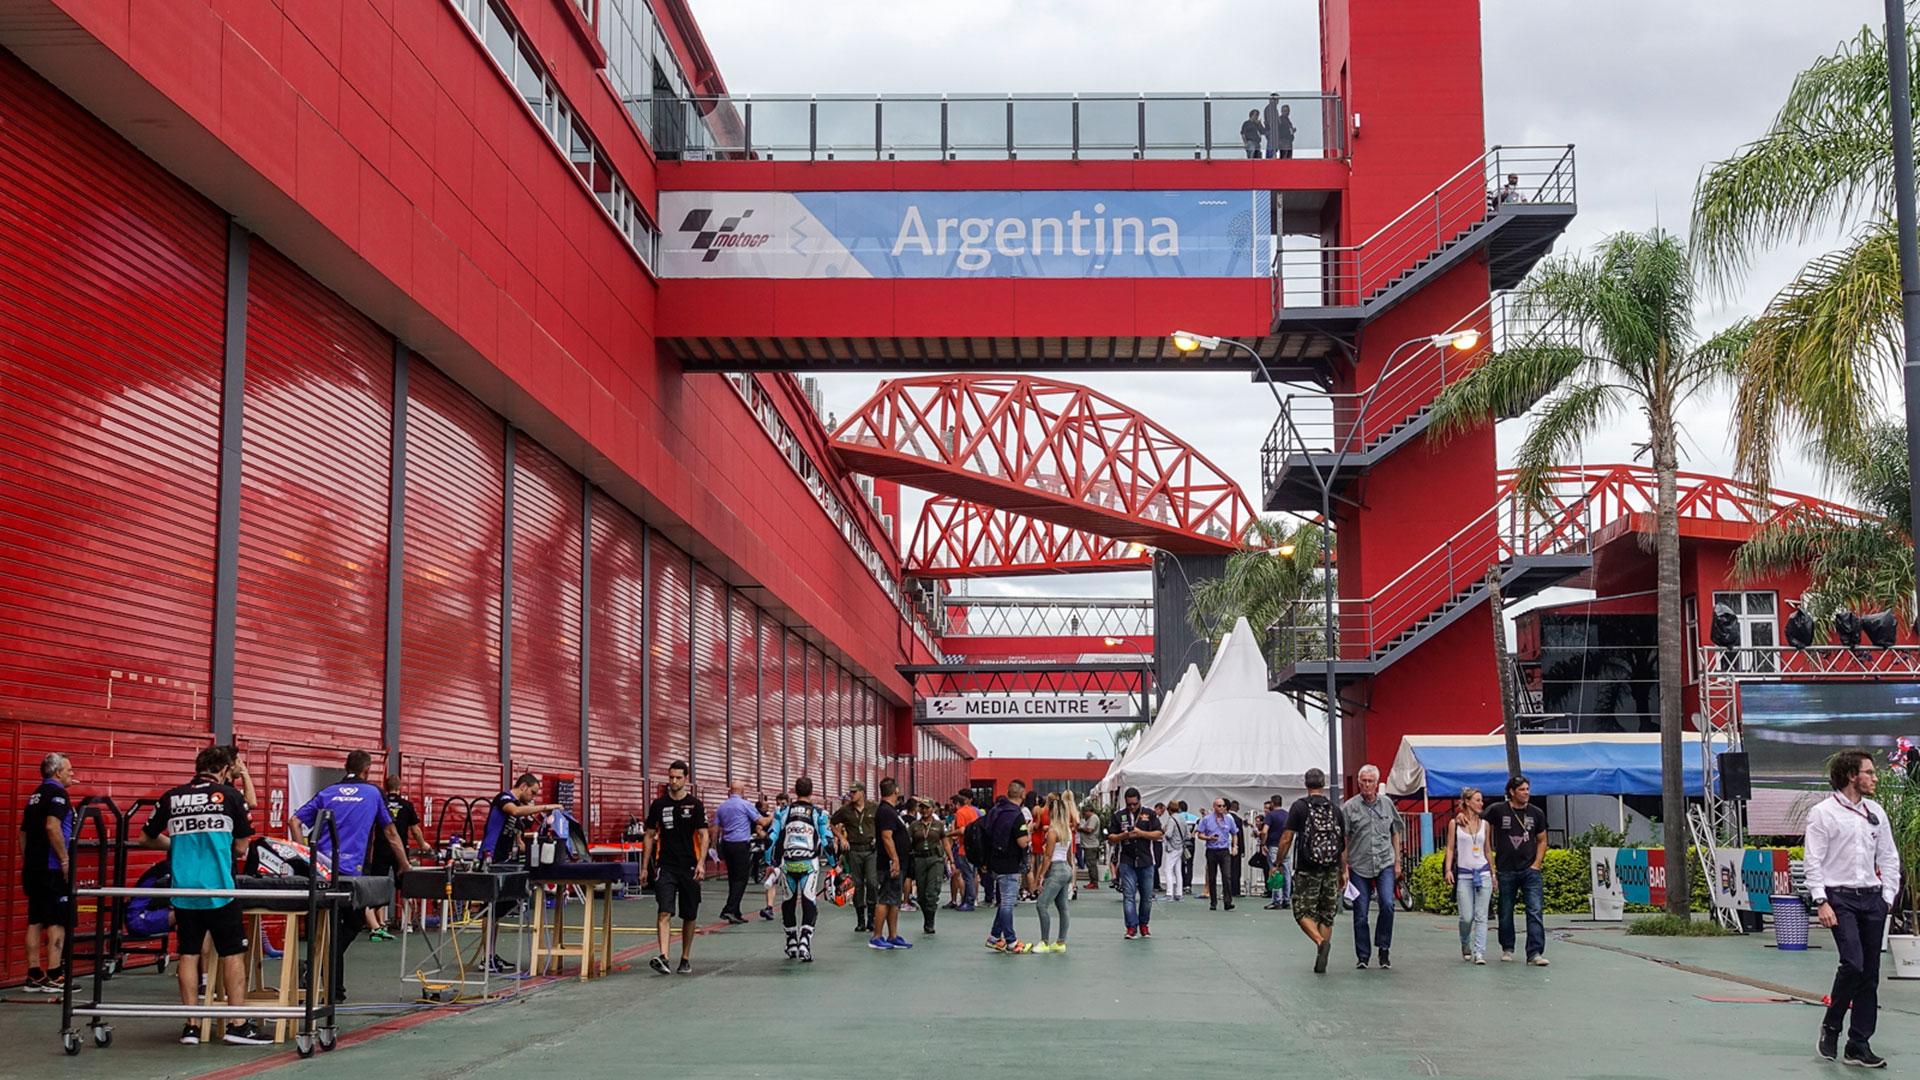 Un autódromo que atrae a aficionados y seguidores de estos deportes de todas partes del país y del mundo. Homologado por la Federación Internacional del Automóvil (FIA) y la Federación Internacional de Motociclismo (FIM), tiene la recta más larga de los autódromos de Argentina